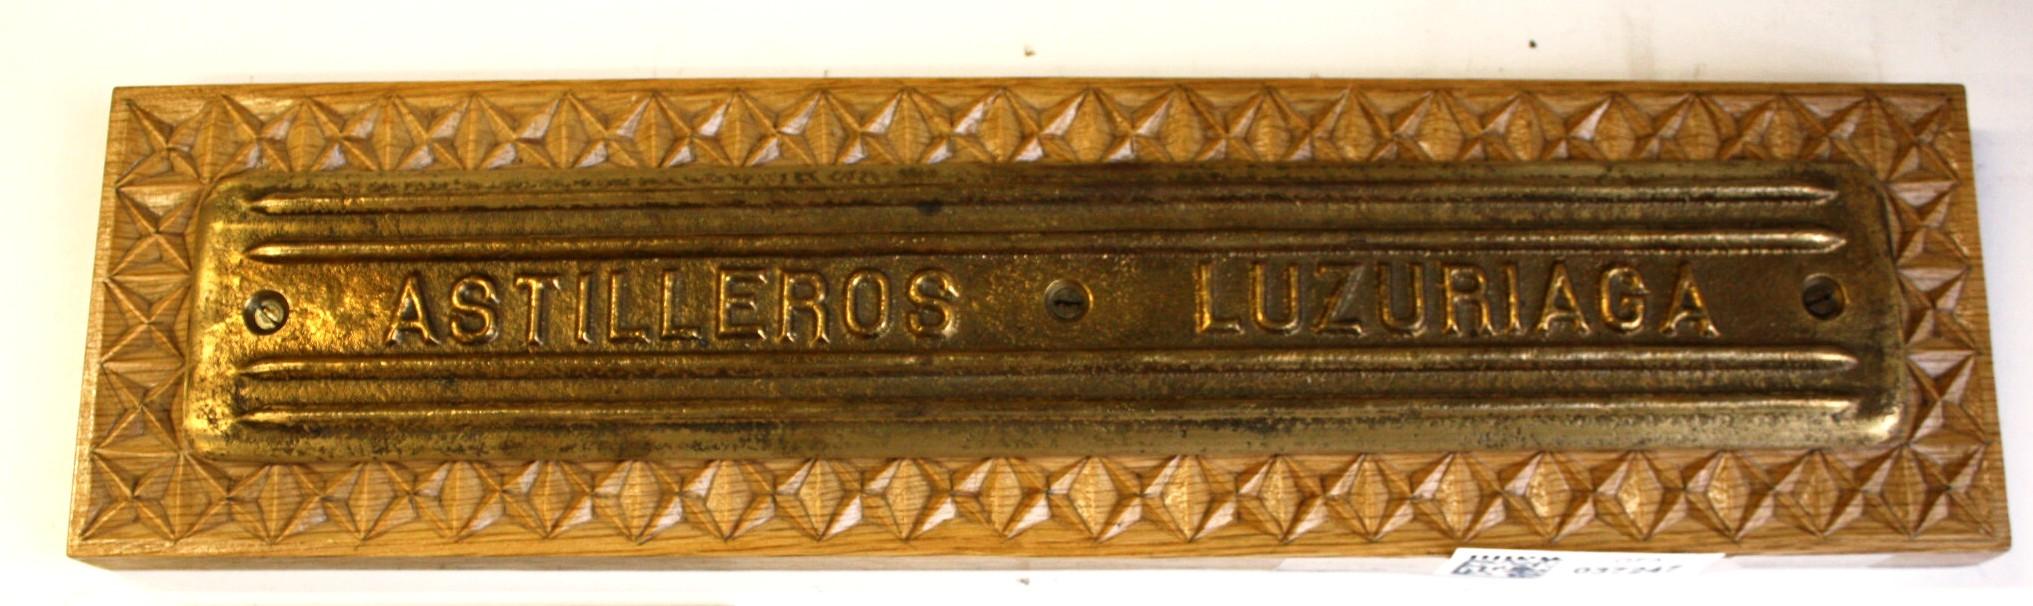 Astilleros Luzuriaga